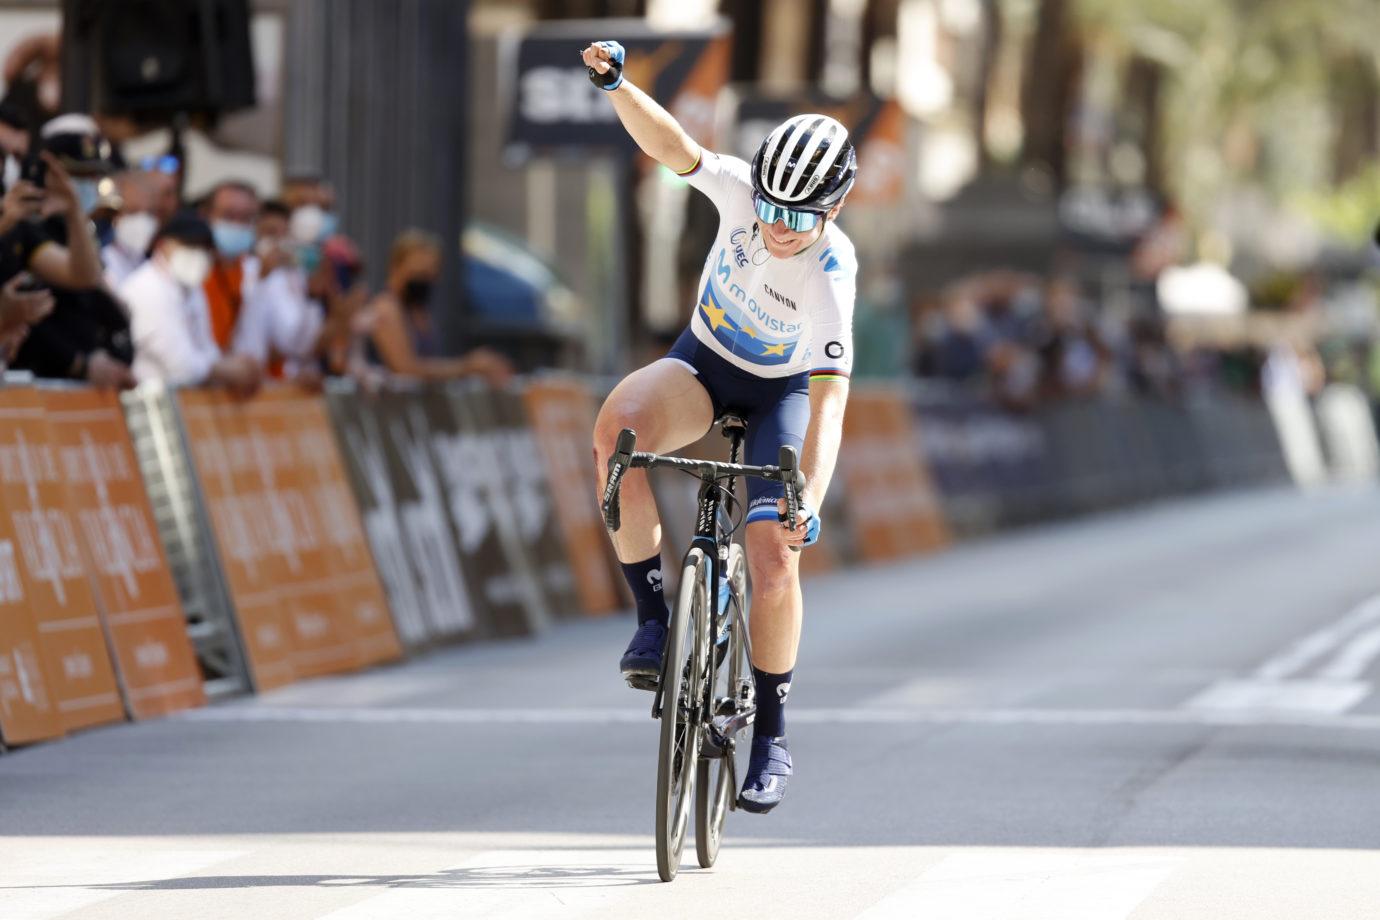 Imagen de la noticia 'Van Vleuten takes huge win in Gandía, GC lead in Setmana Valenciana'